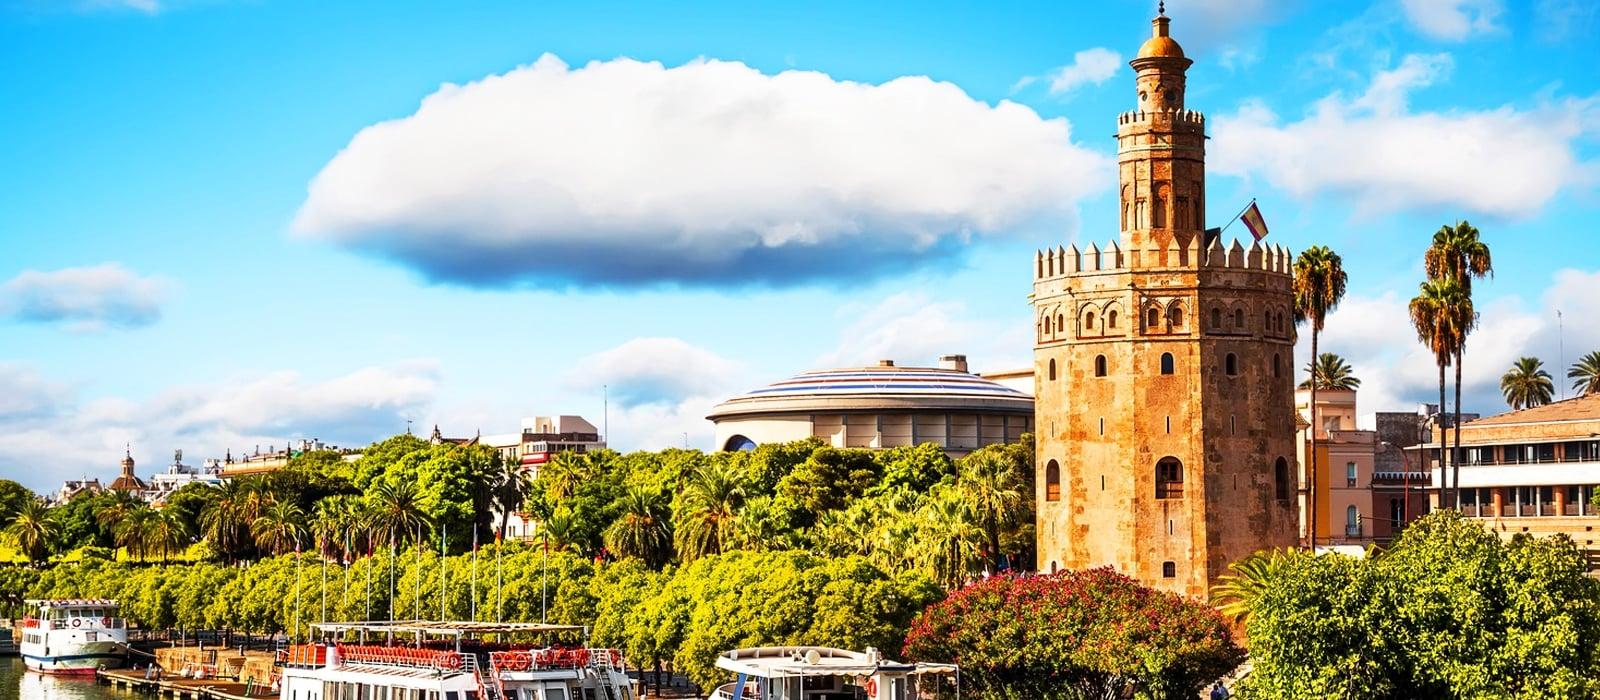 Hoteles Vincci. Die schönsten Hotels im Zentrum von Sevilla